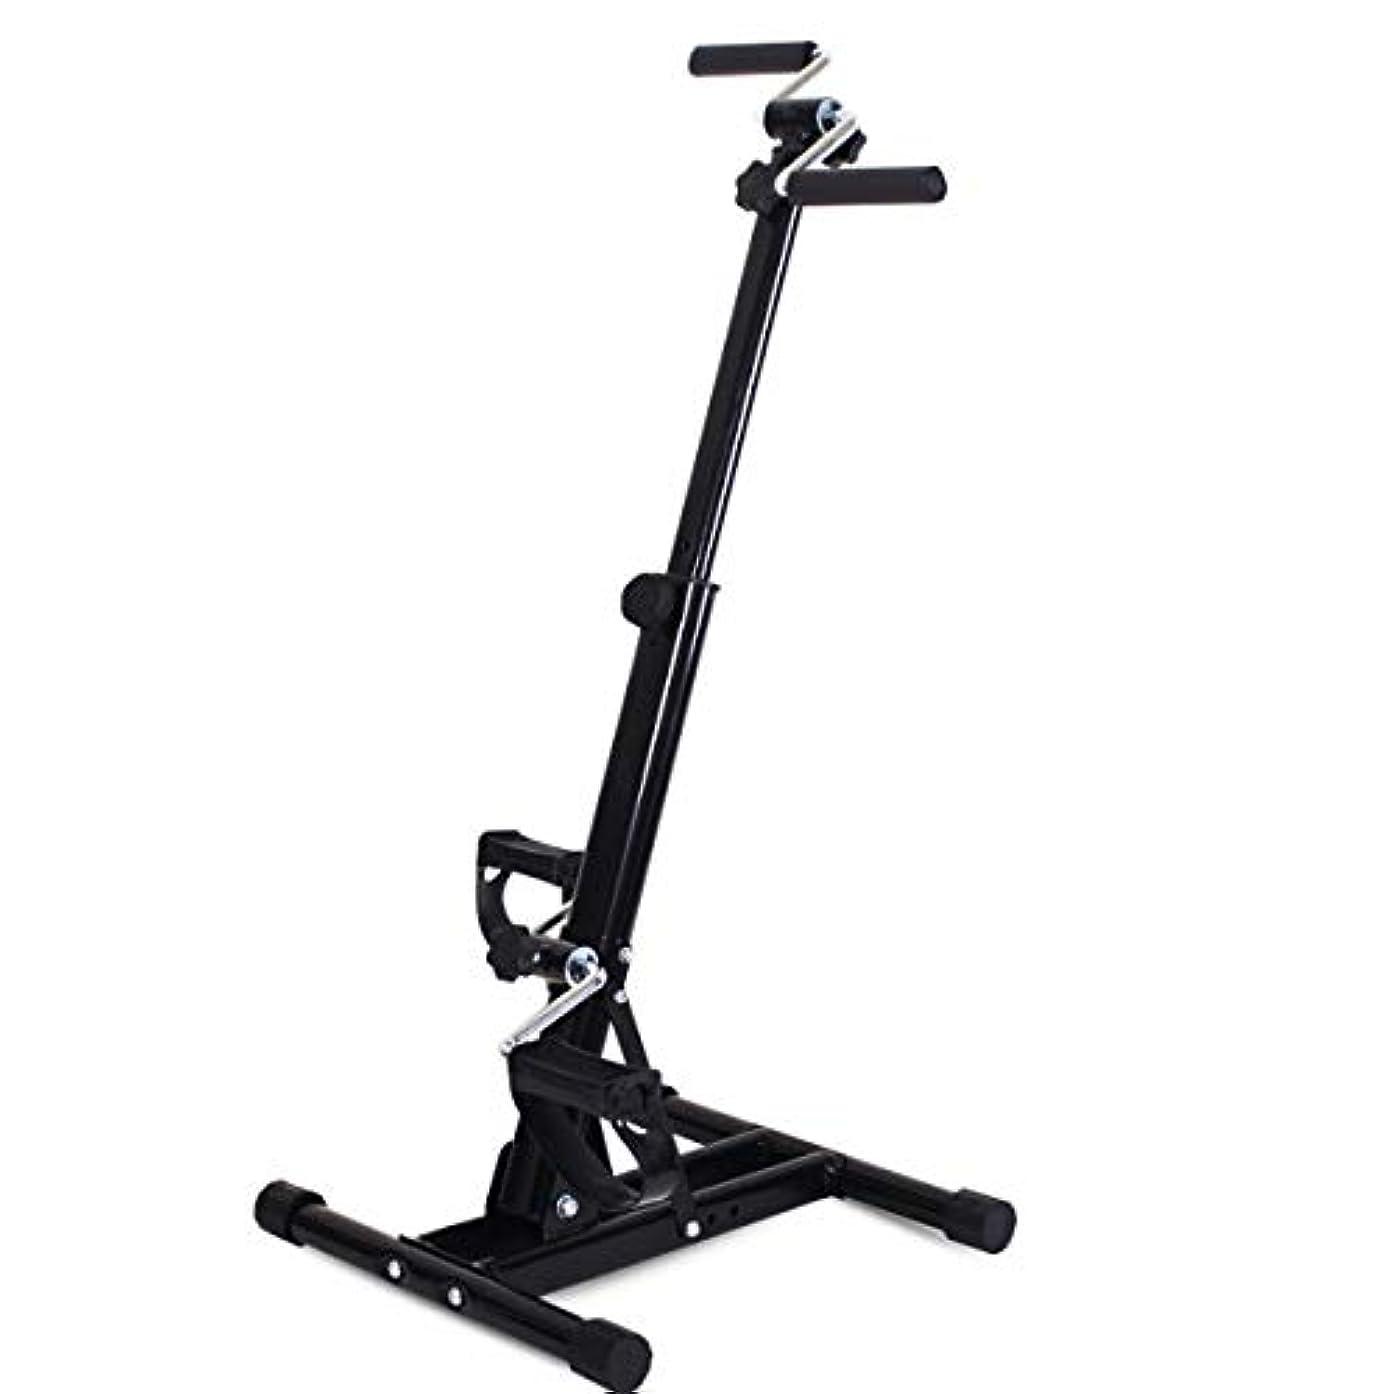 すずめラリーベルモント第五高齢者リハビリテーション訓練自転車、ホームレッグアームペダルエクササイザー、上肢および下肢のトレーニング機器、ホーム理学療法フィットネストレーニング,A